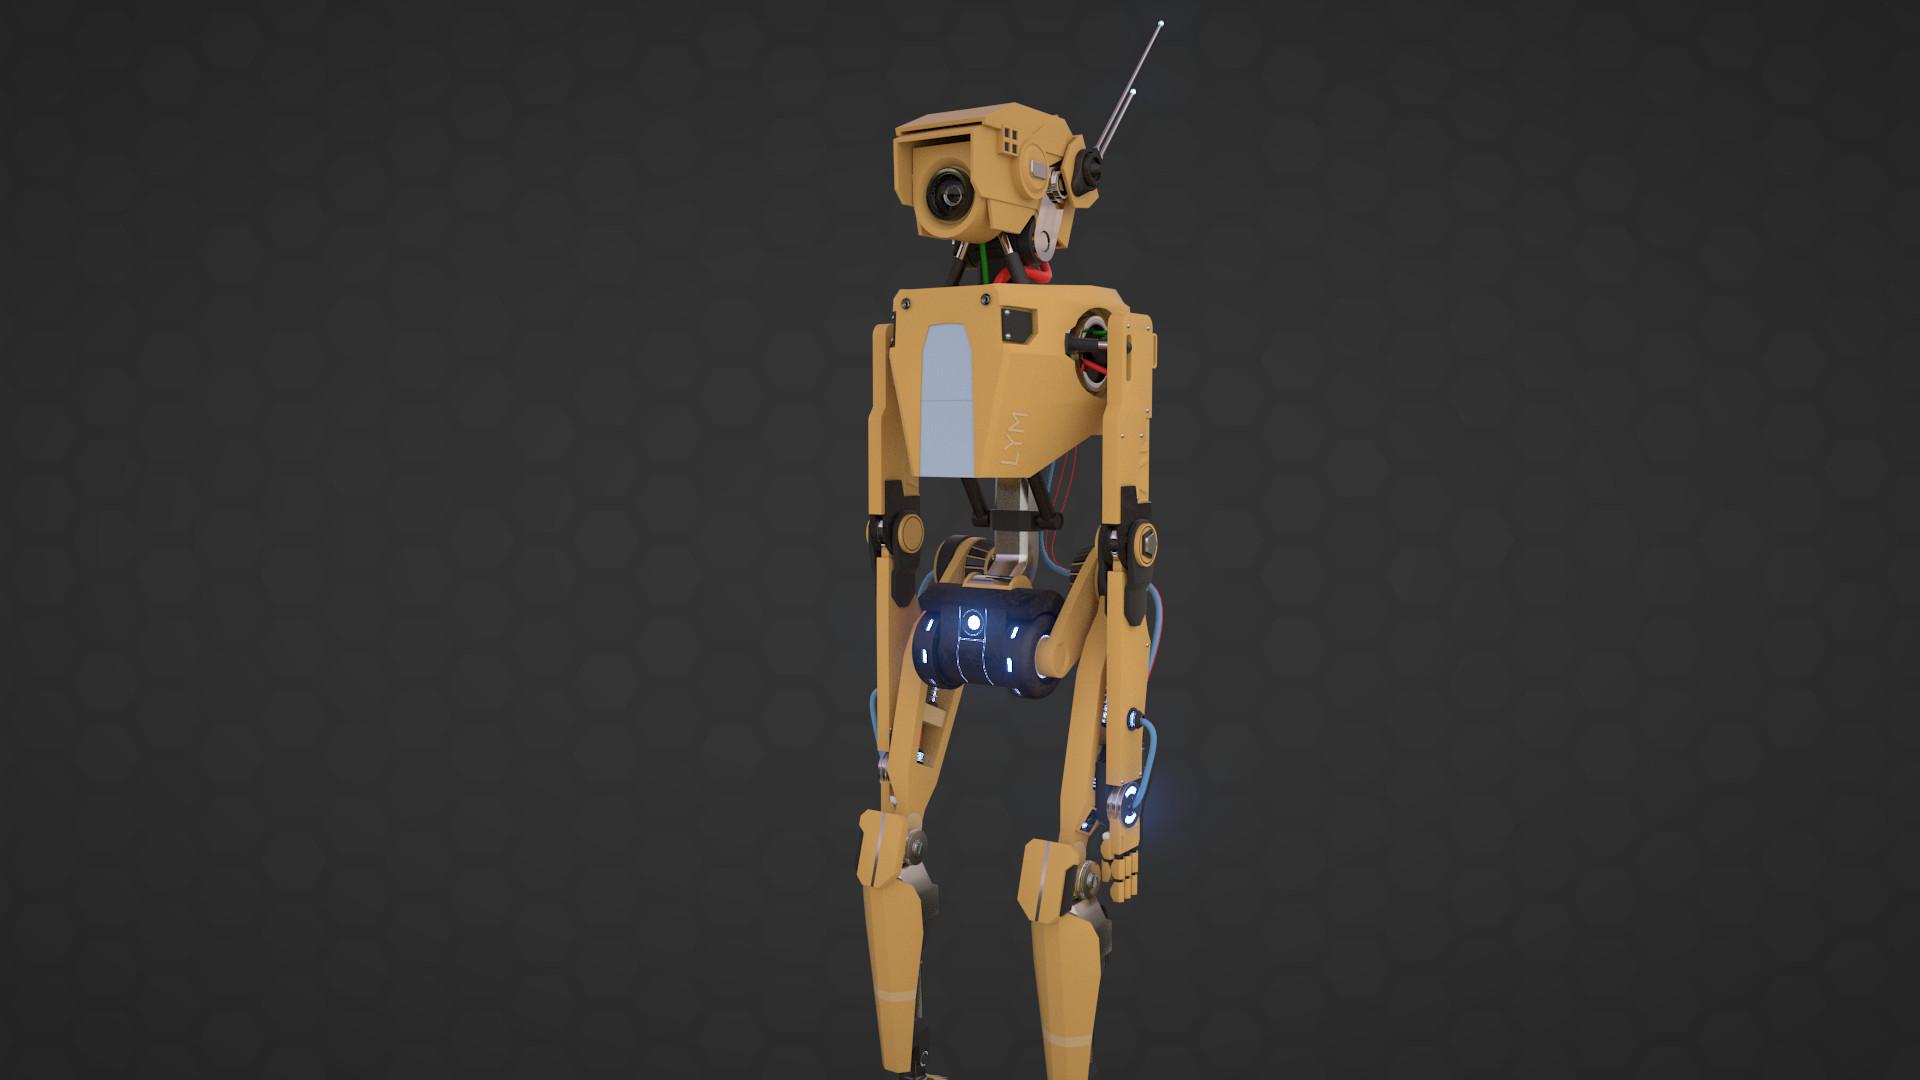 Ants aare alamaa ants aare alamaa robot render 03